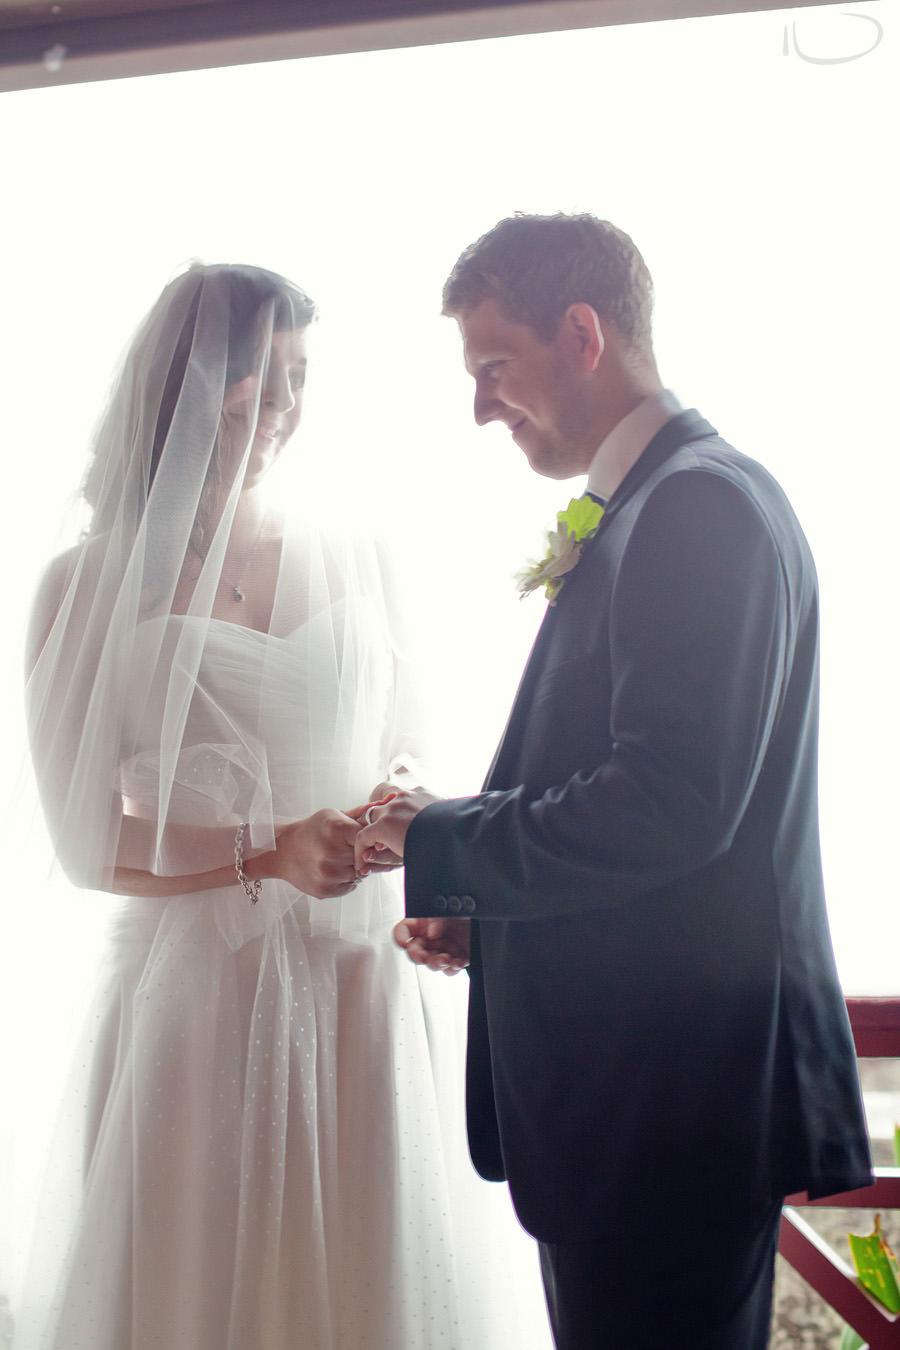 Gunners Barracks Wedding Photographer: Exchange of rings